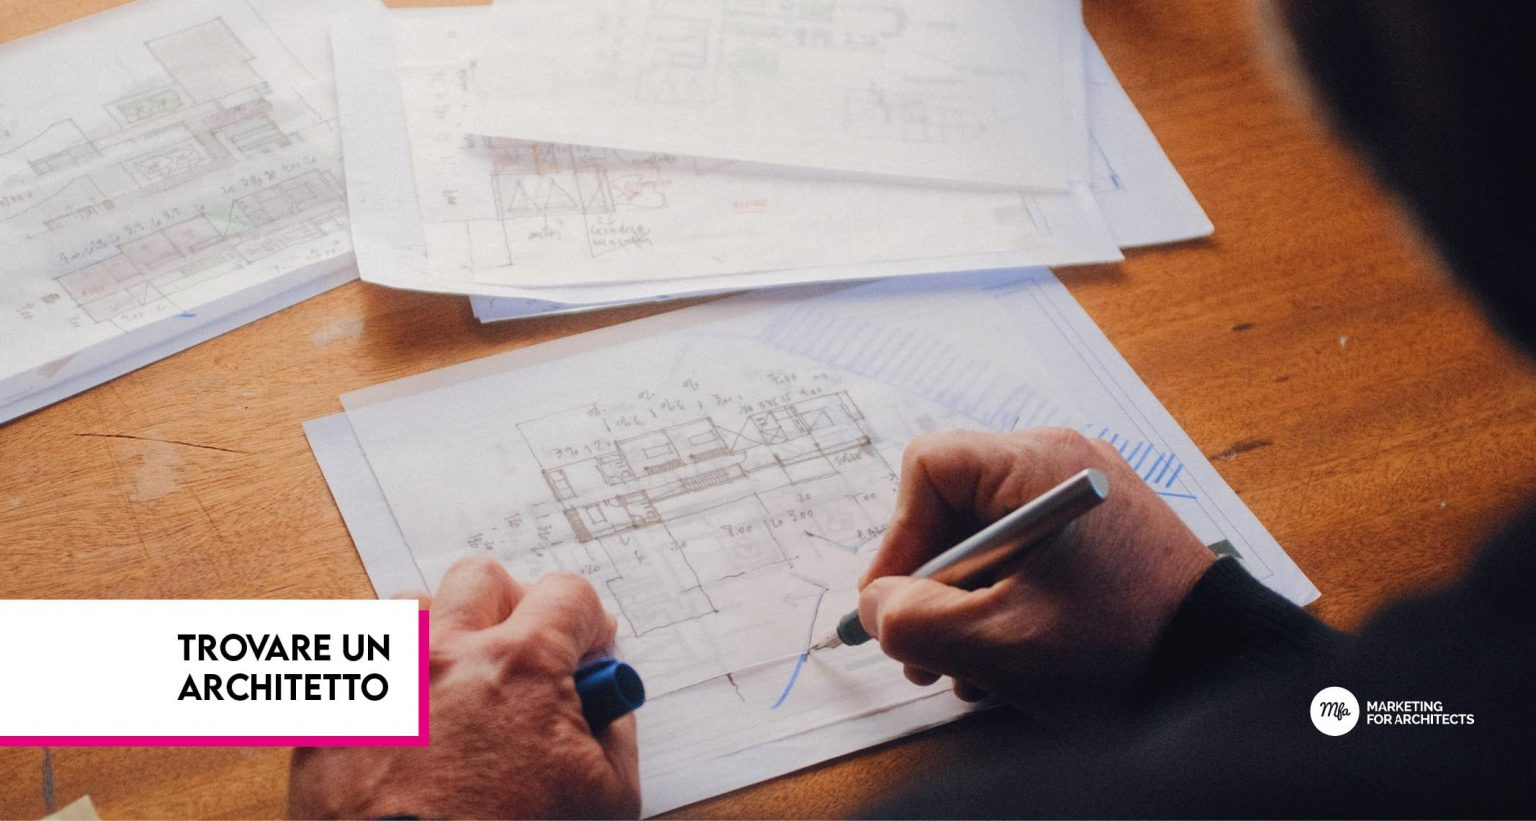 Trovare Architetto online